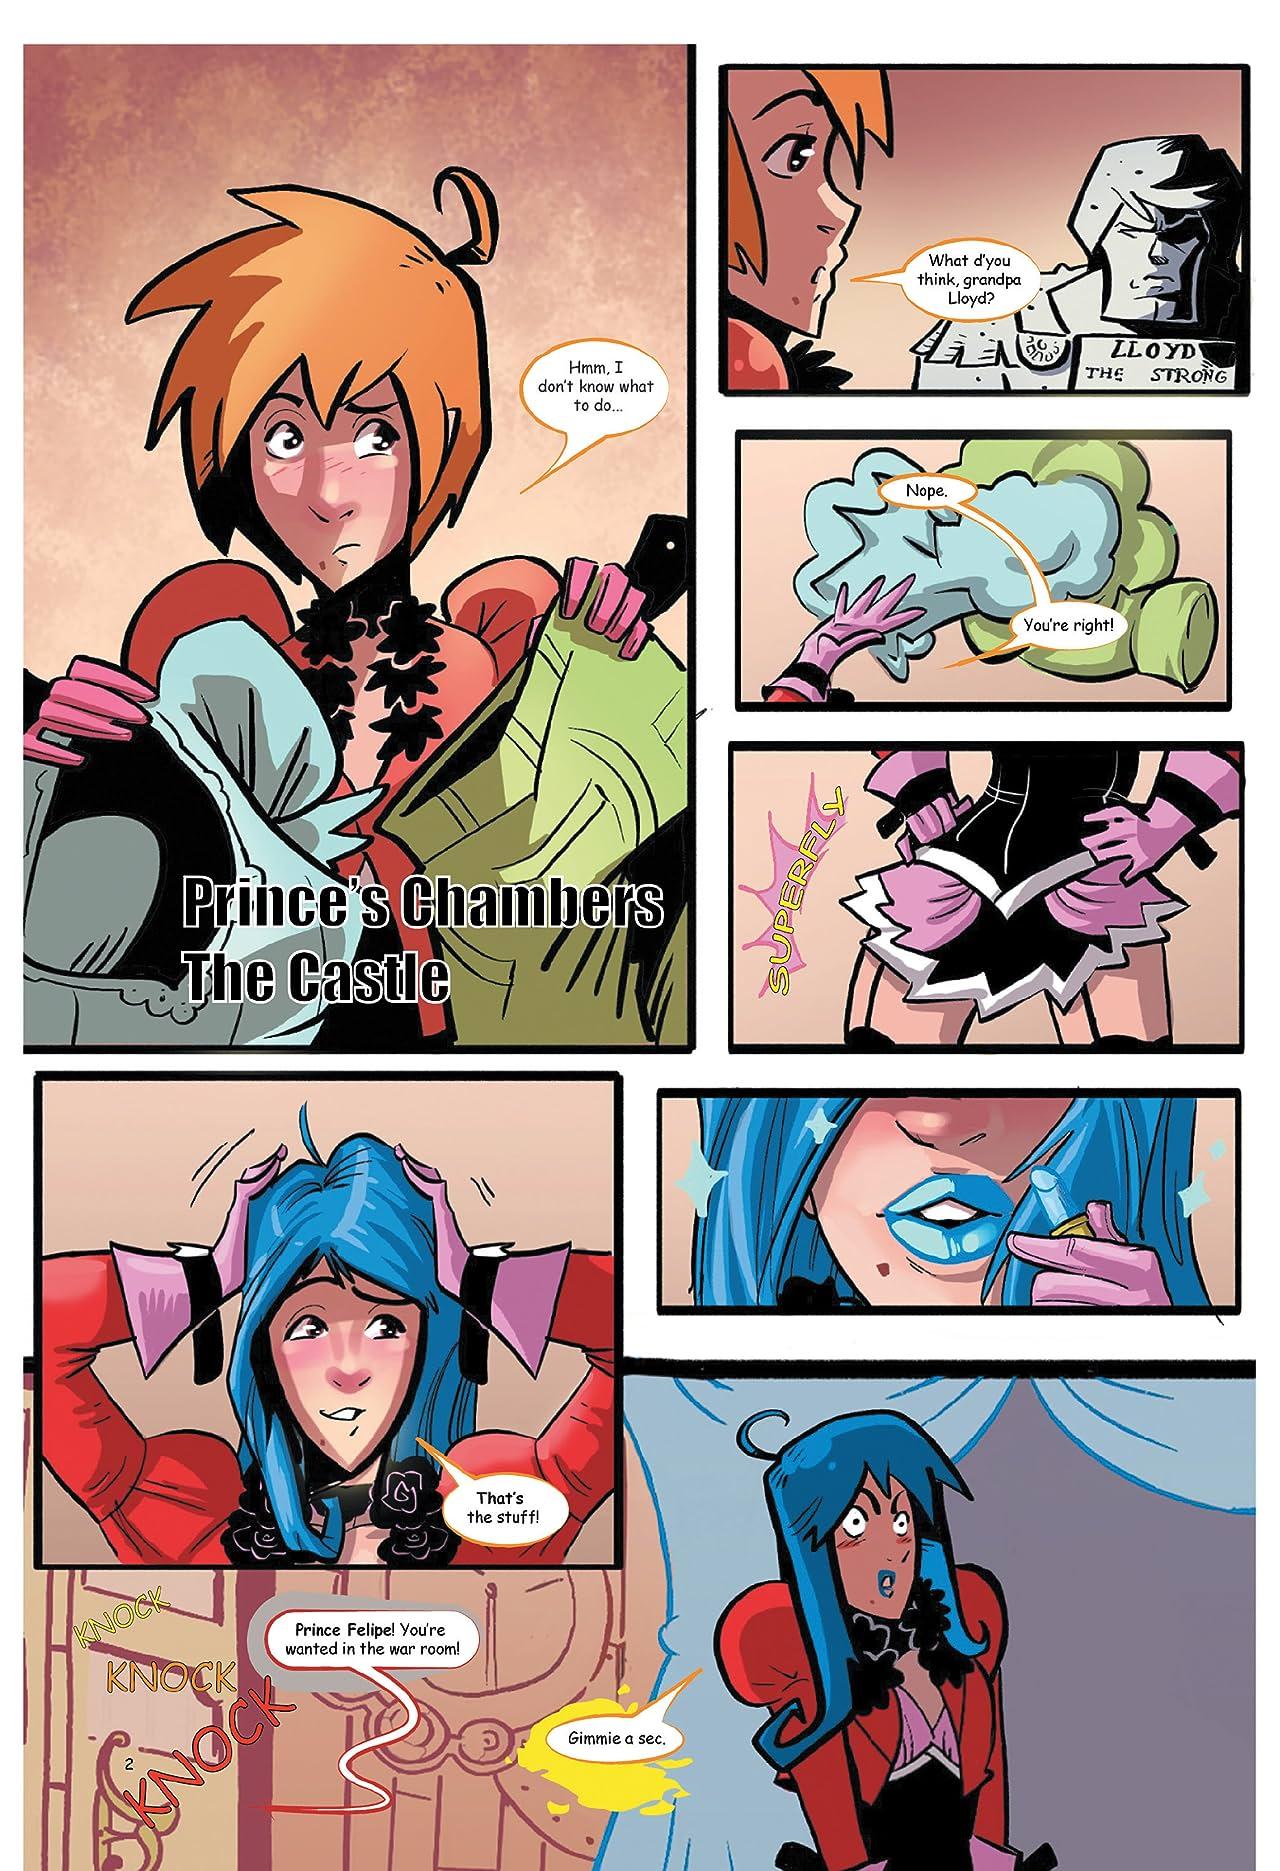 Vanquished: Weird Princess Vol. 1